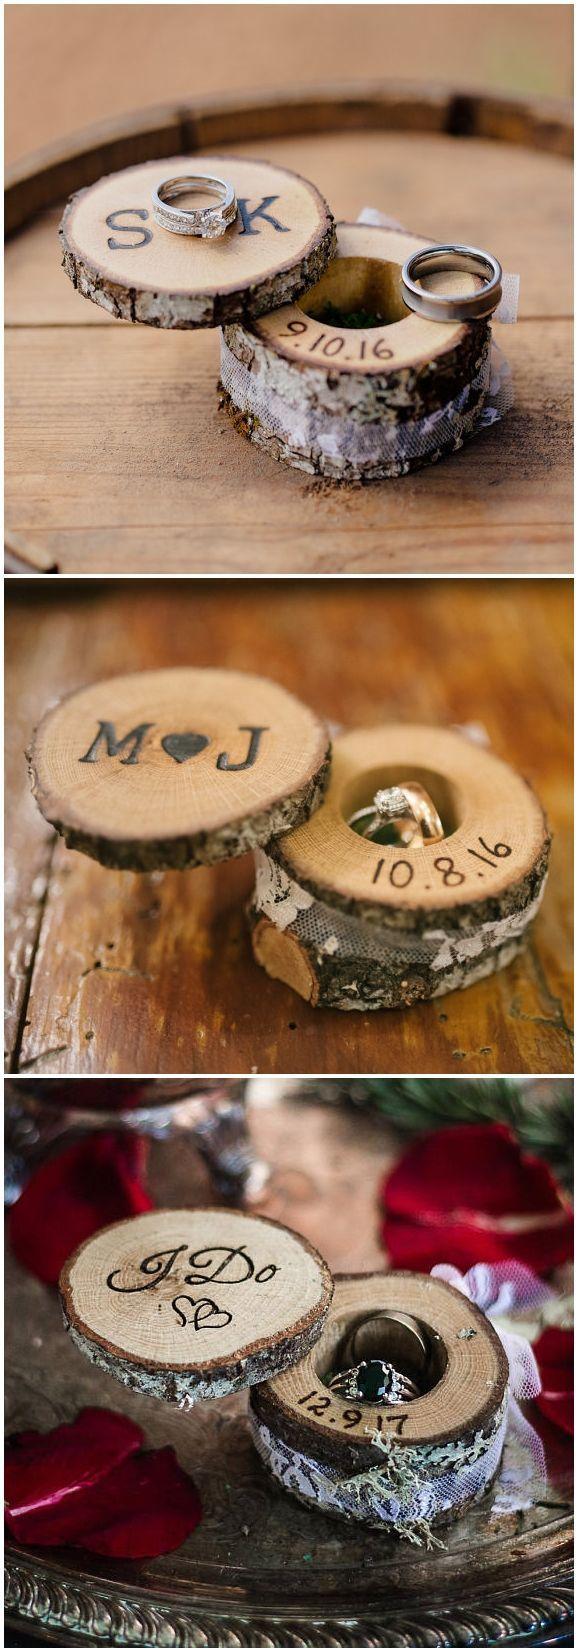 rustic tree stump wedding ring holder ideas / http://www.deerpearlflowers.com/rustic-woodsy-wedding-trend-tree-stump/ #rustic #rusticwedding #countrywedding #weddingideas #wedding #dpf #deerpearlflowers #weddingring